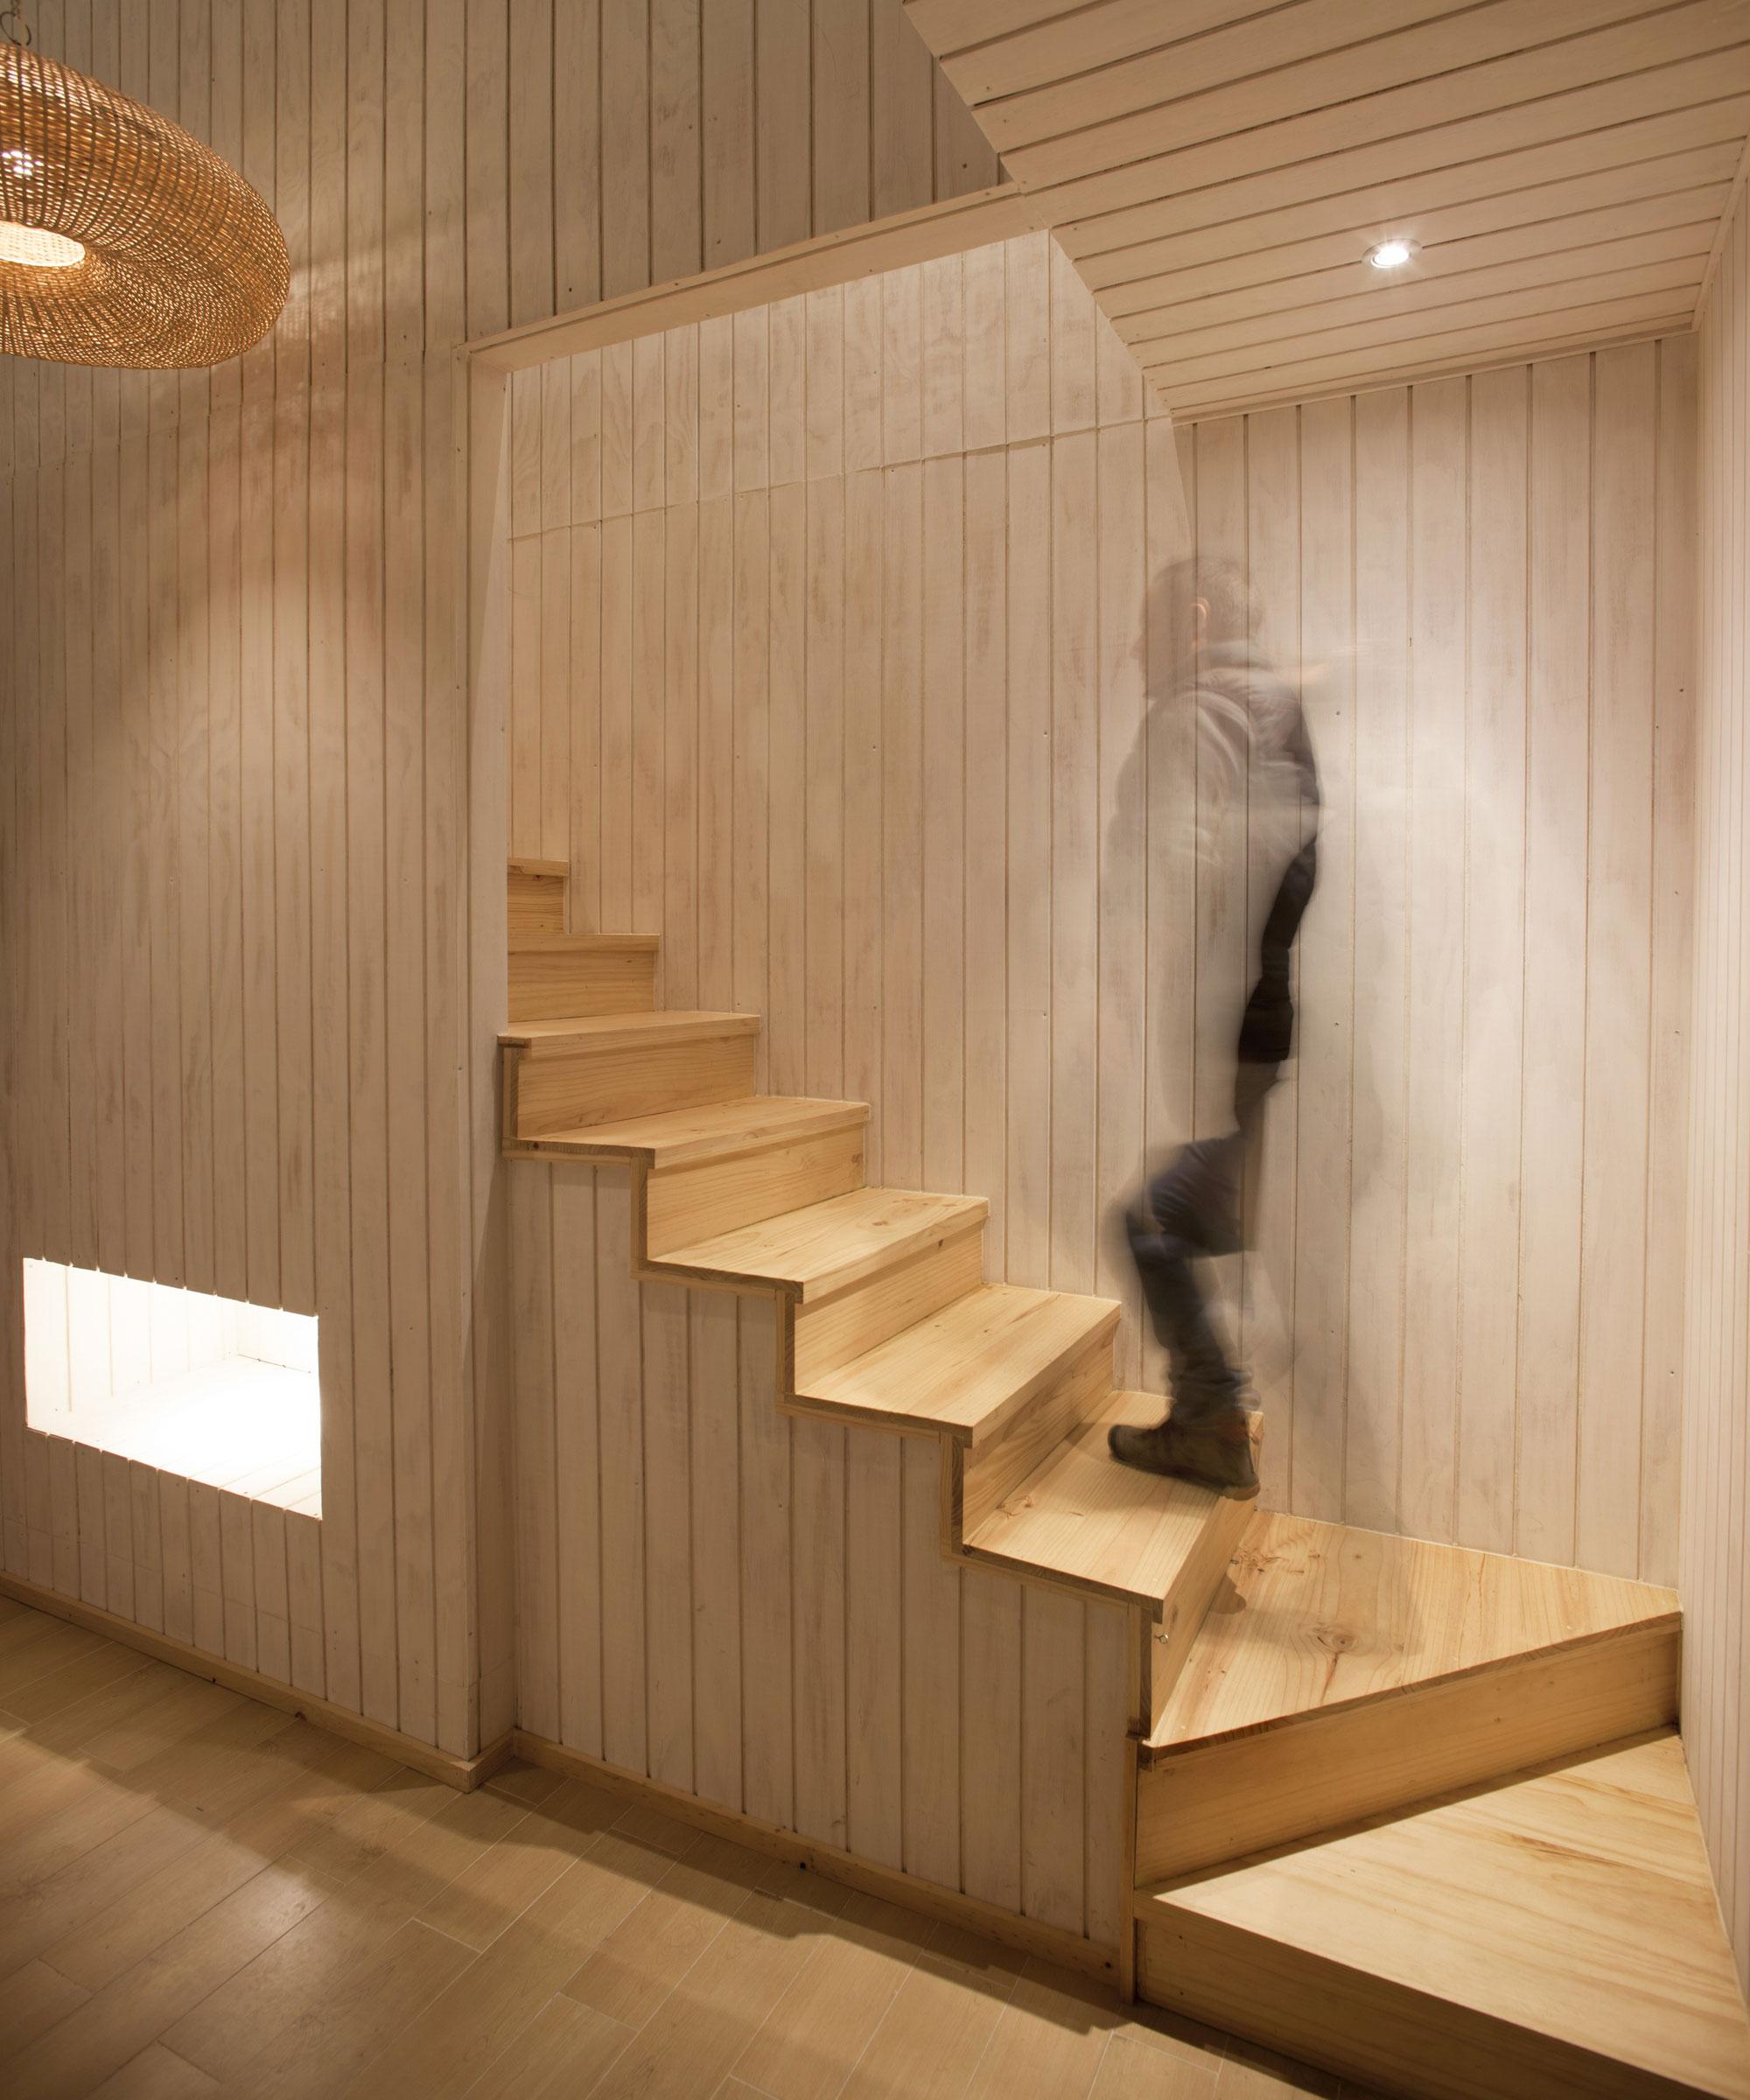 Деревянная лестница в интерьере - Фото 37